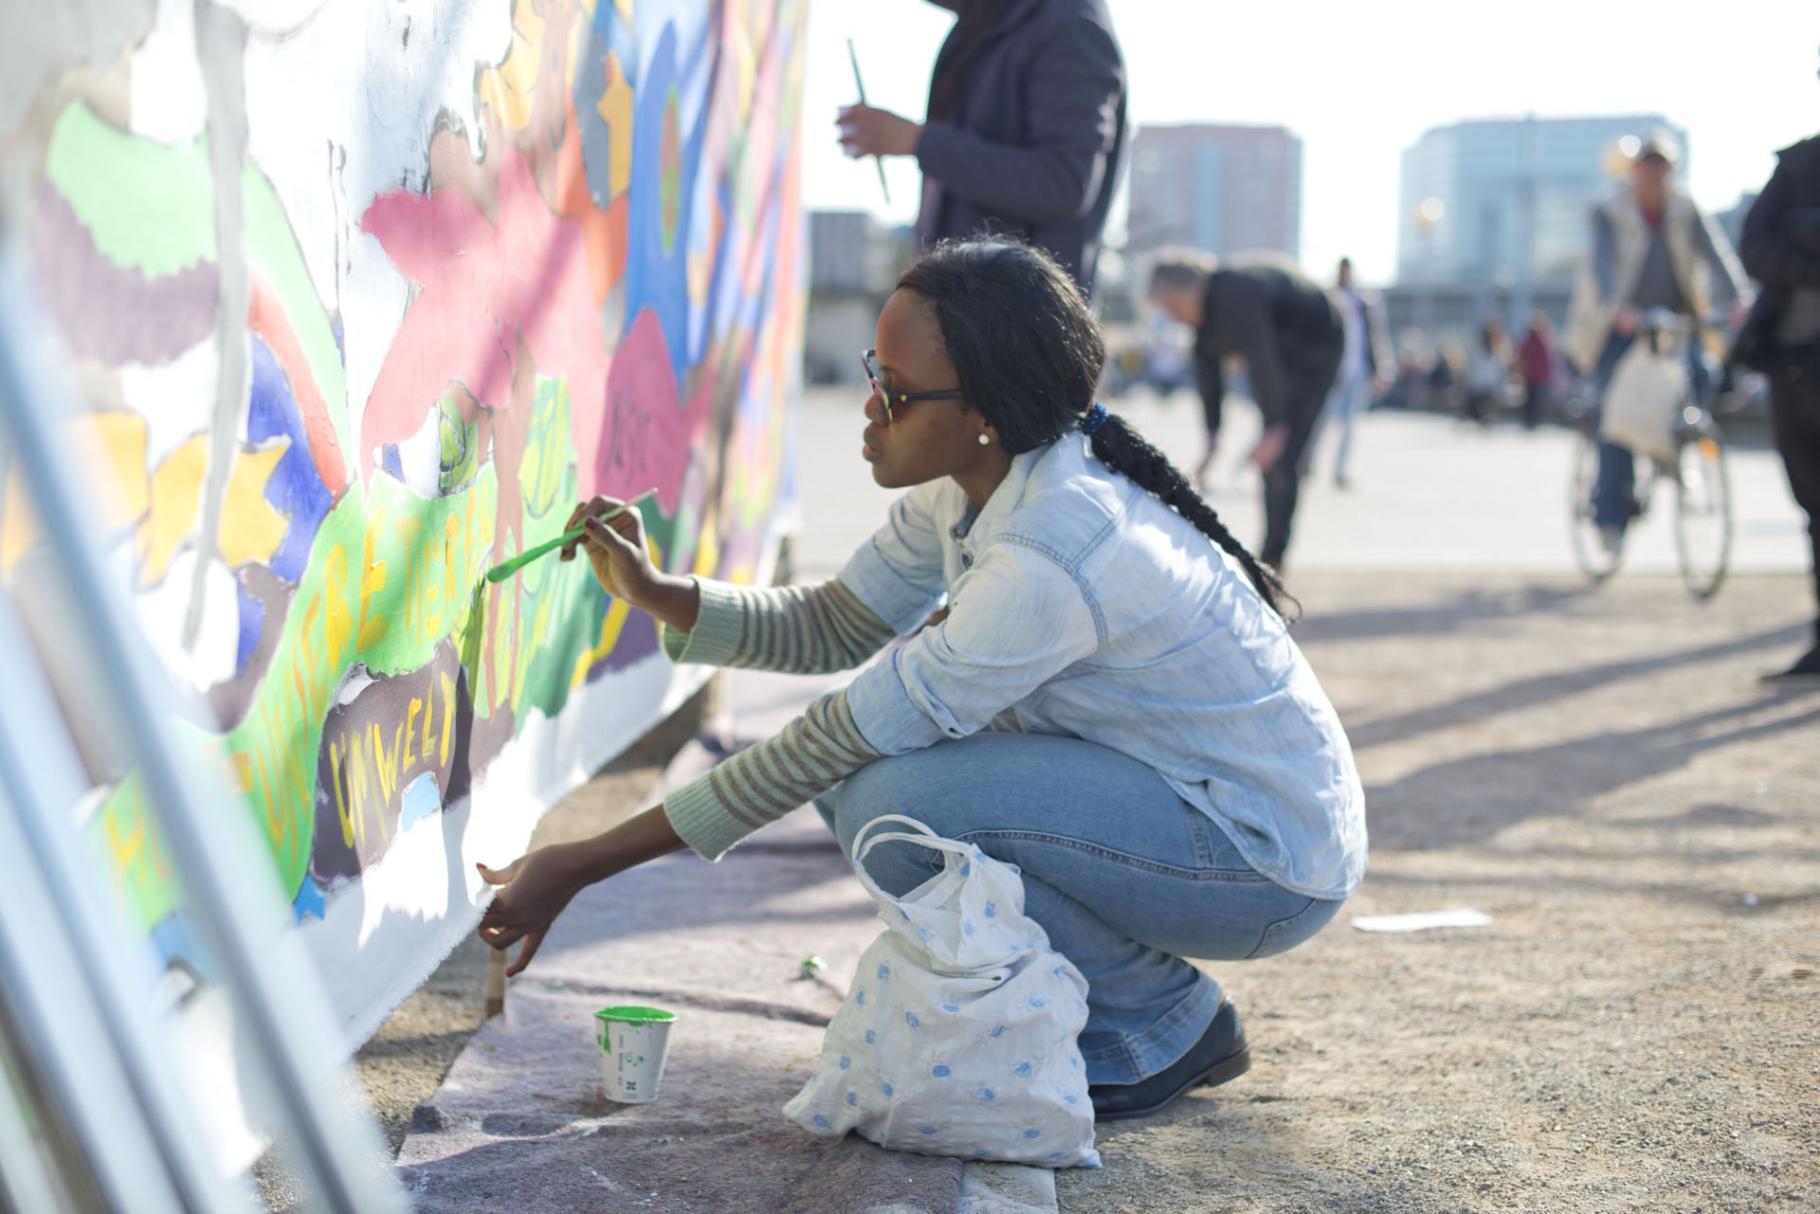 Chinma George bei einer Kunstaktion in Düsseldorf, die auf die Folgen des Klimawandels aufmerksam machen soll.